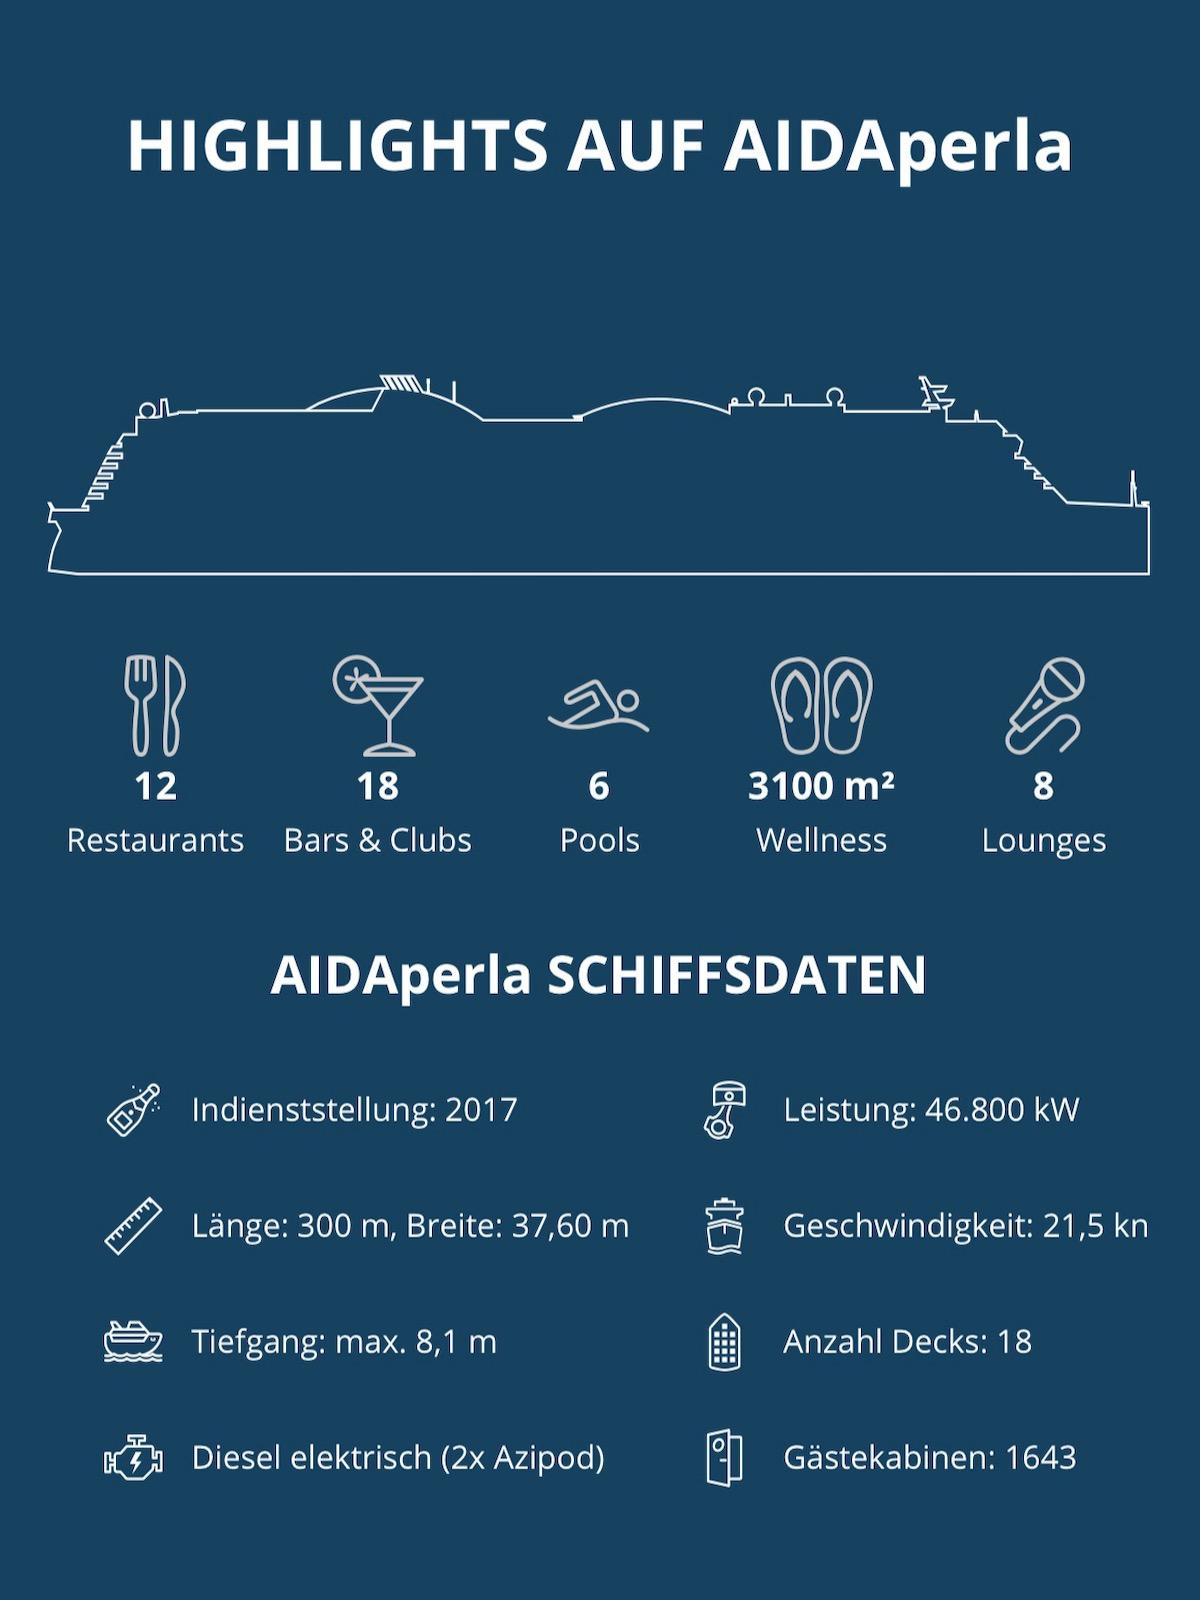 aida-cruises-ships-aidaperla-daten-mobil